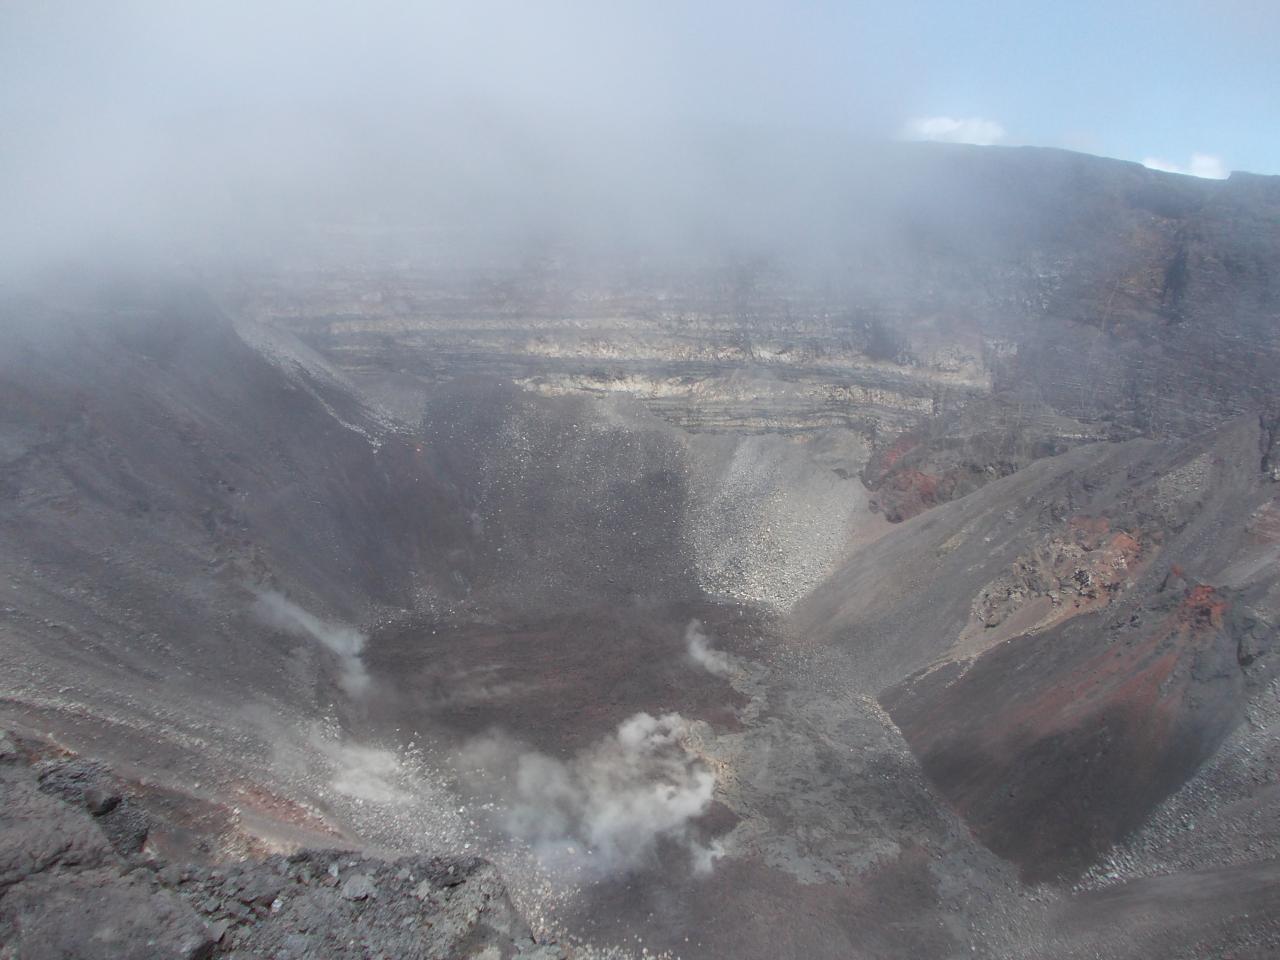 Cratère du Piton de la Fournaise. Mont Dolomieu, Réunion island'